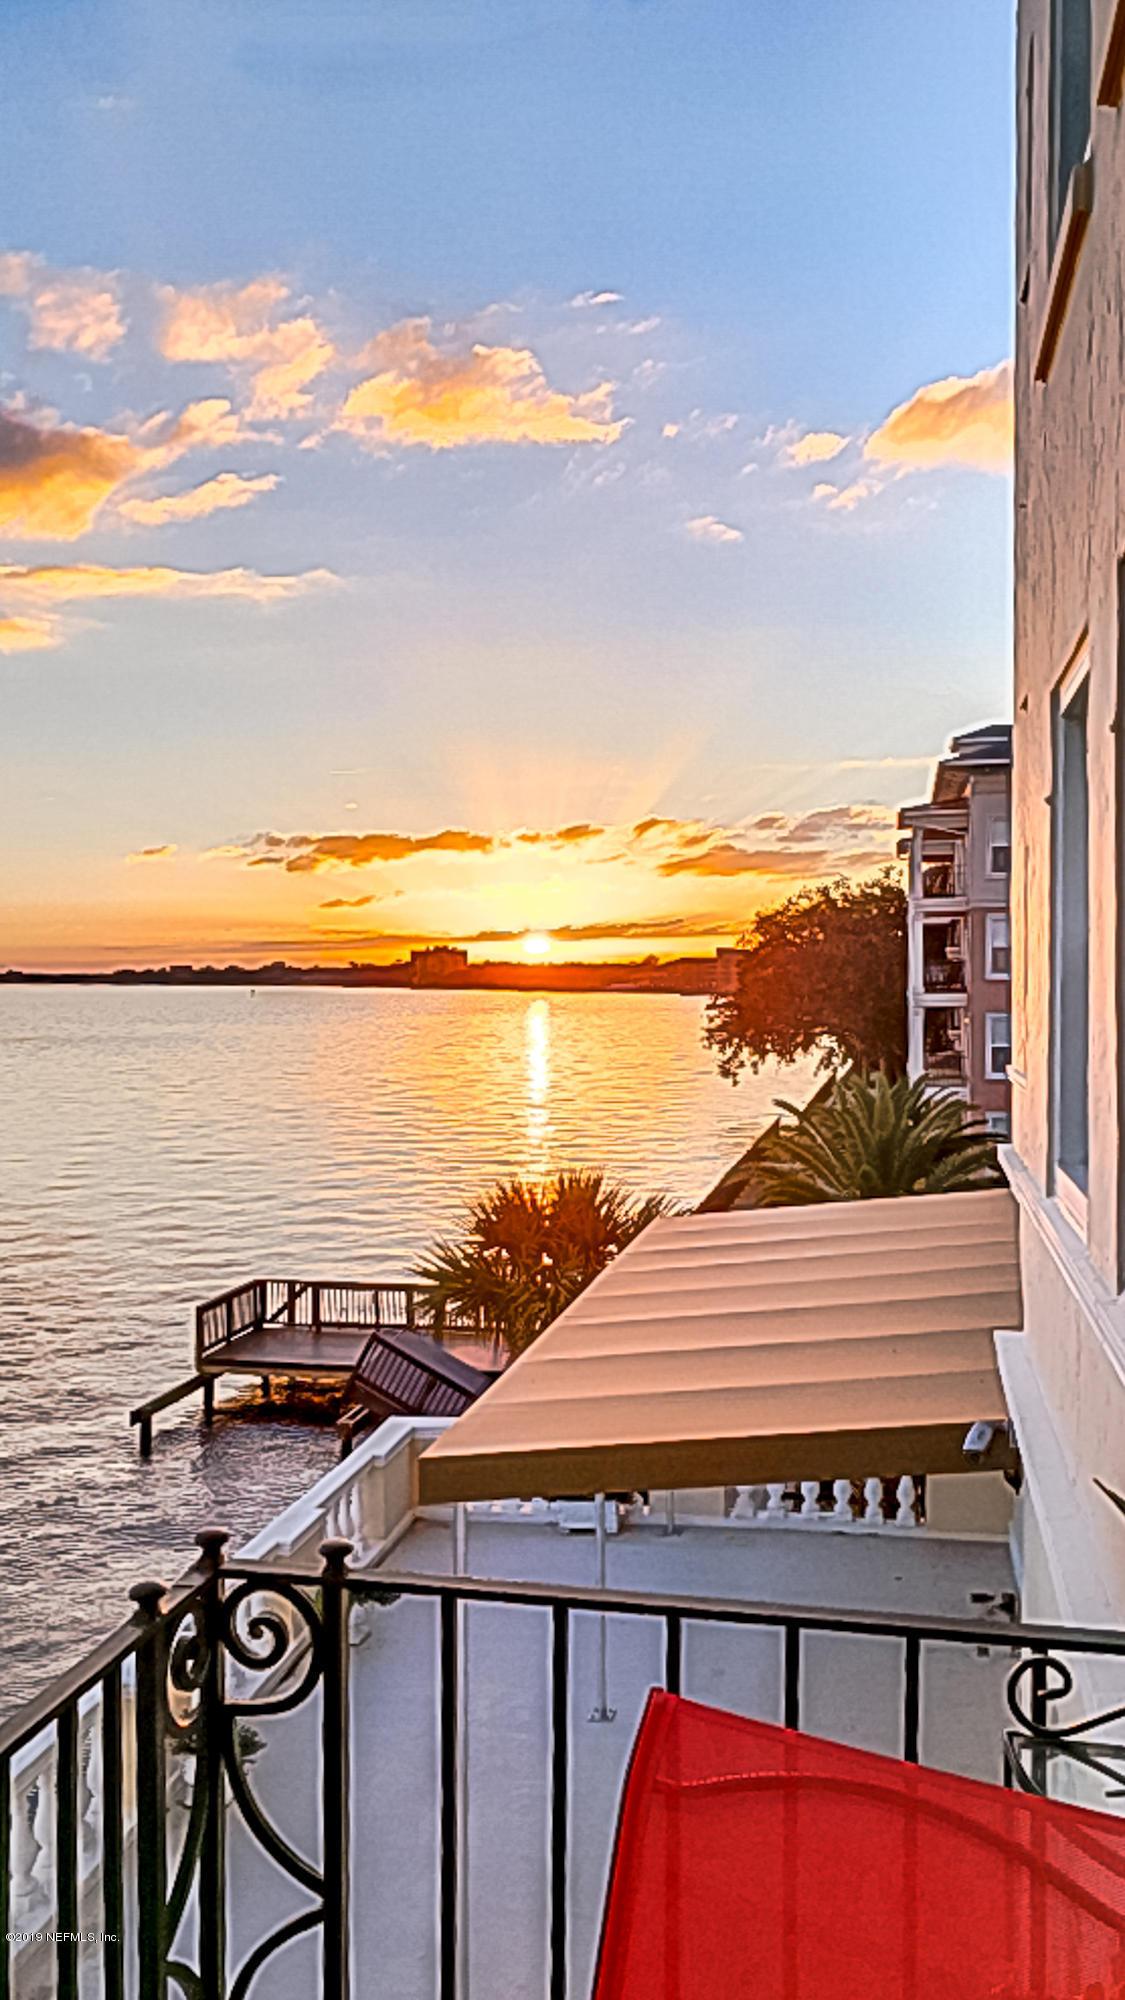 1846 MARGARET- JACKSONVILLE- FLORIDA 32204, 2 Bedrooms Bedrooms, ,1 BathroomBathrooms,Condo,For sale,MARGARET,1004582